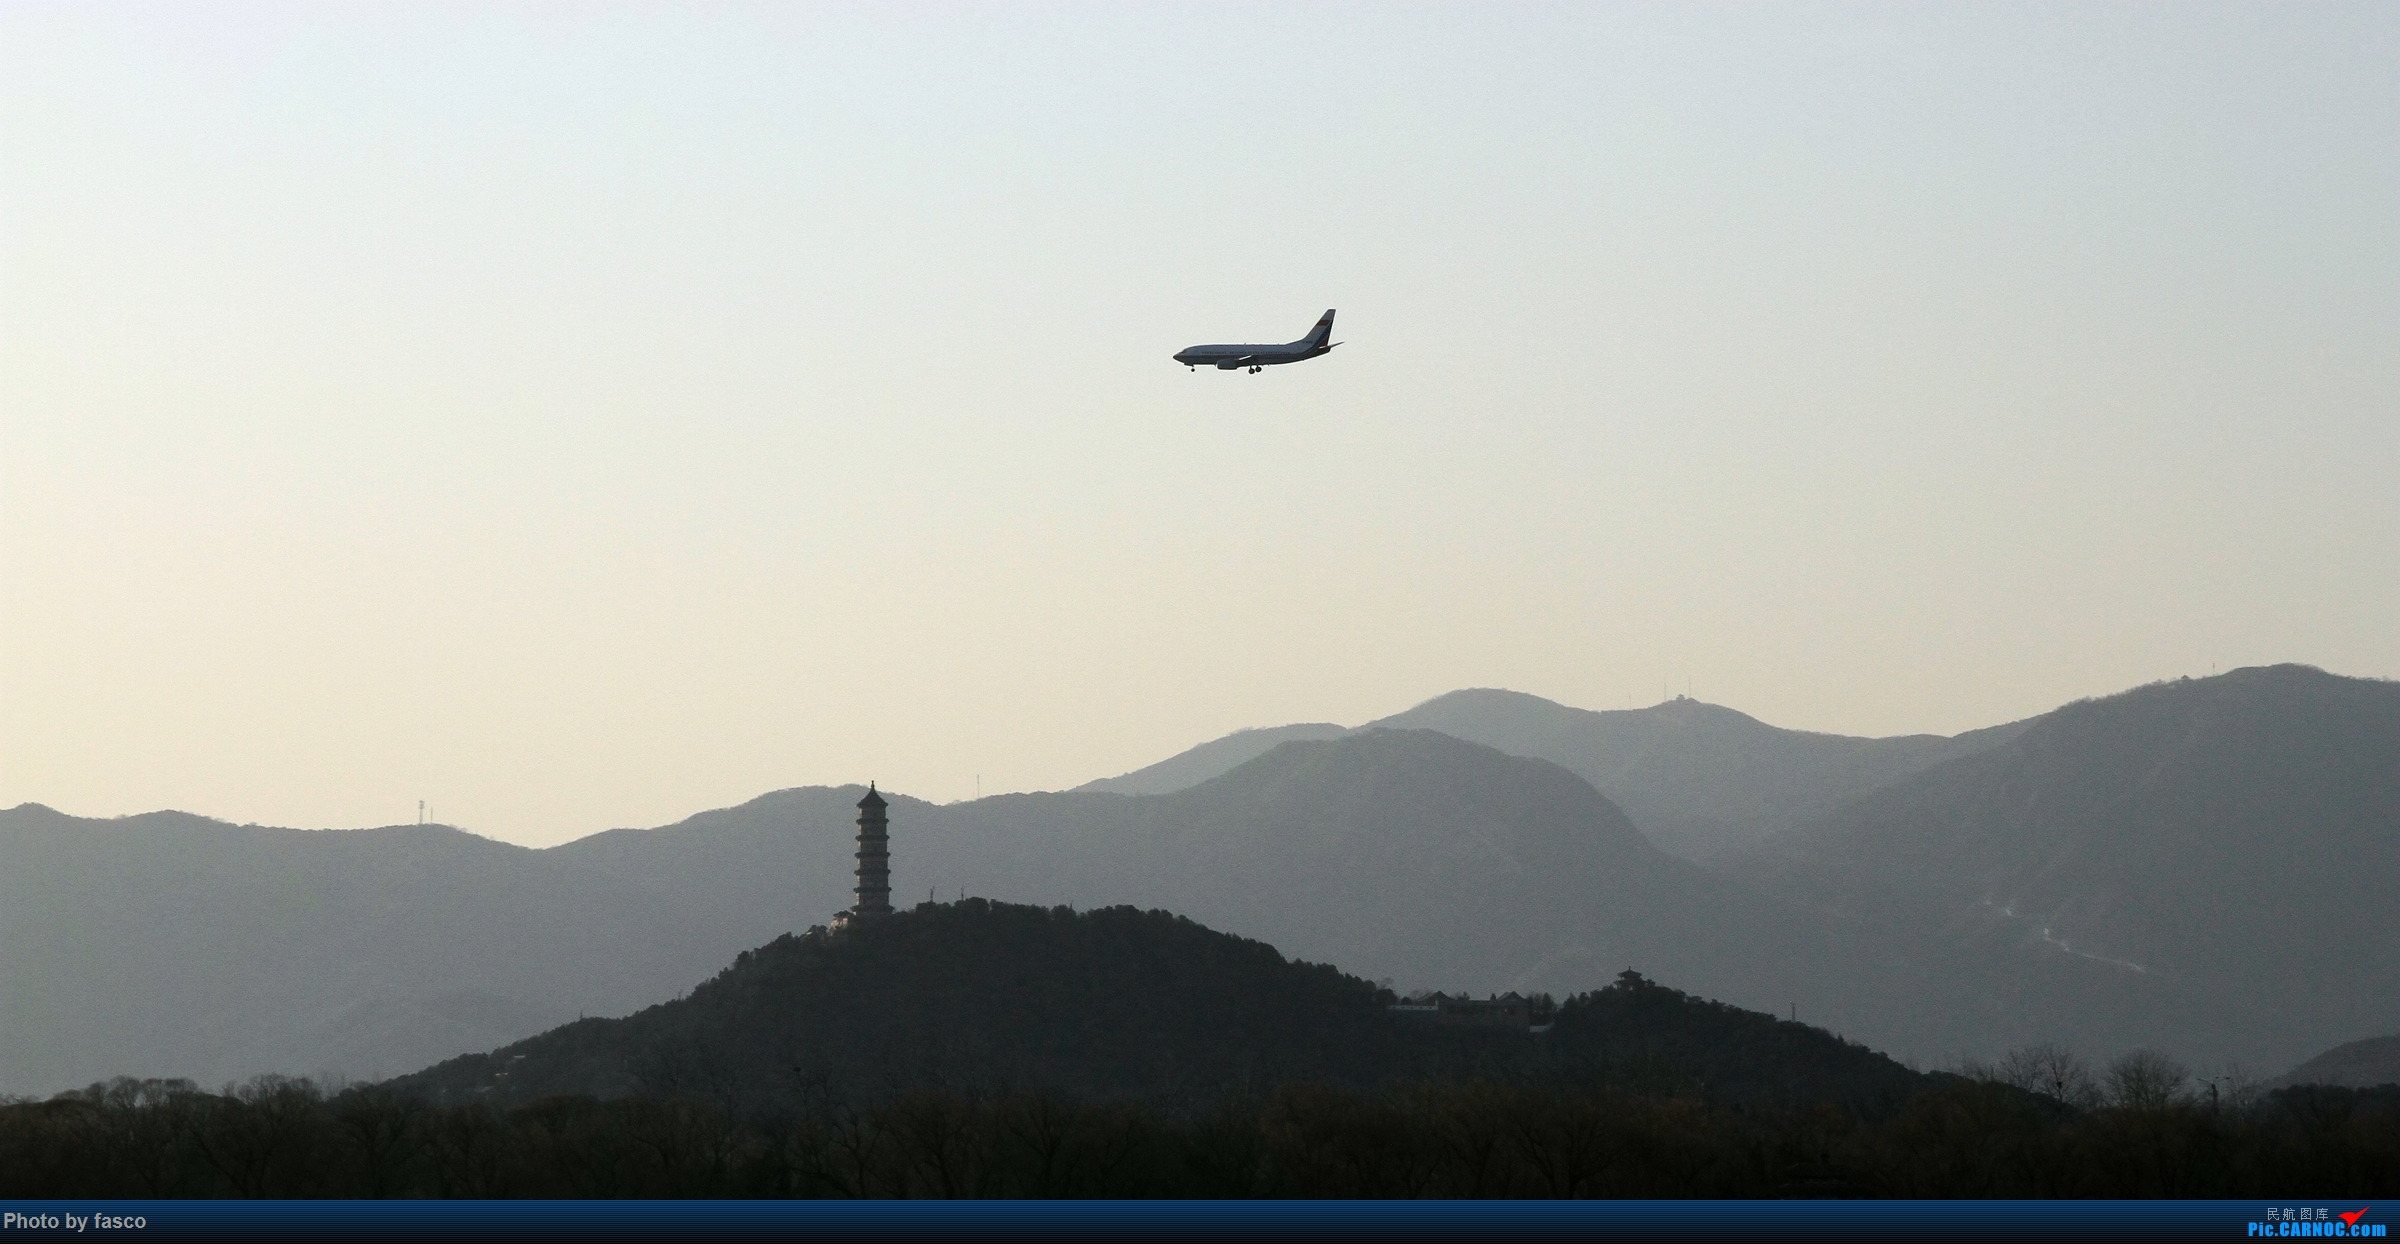 Re:我在颐和园拍飞机